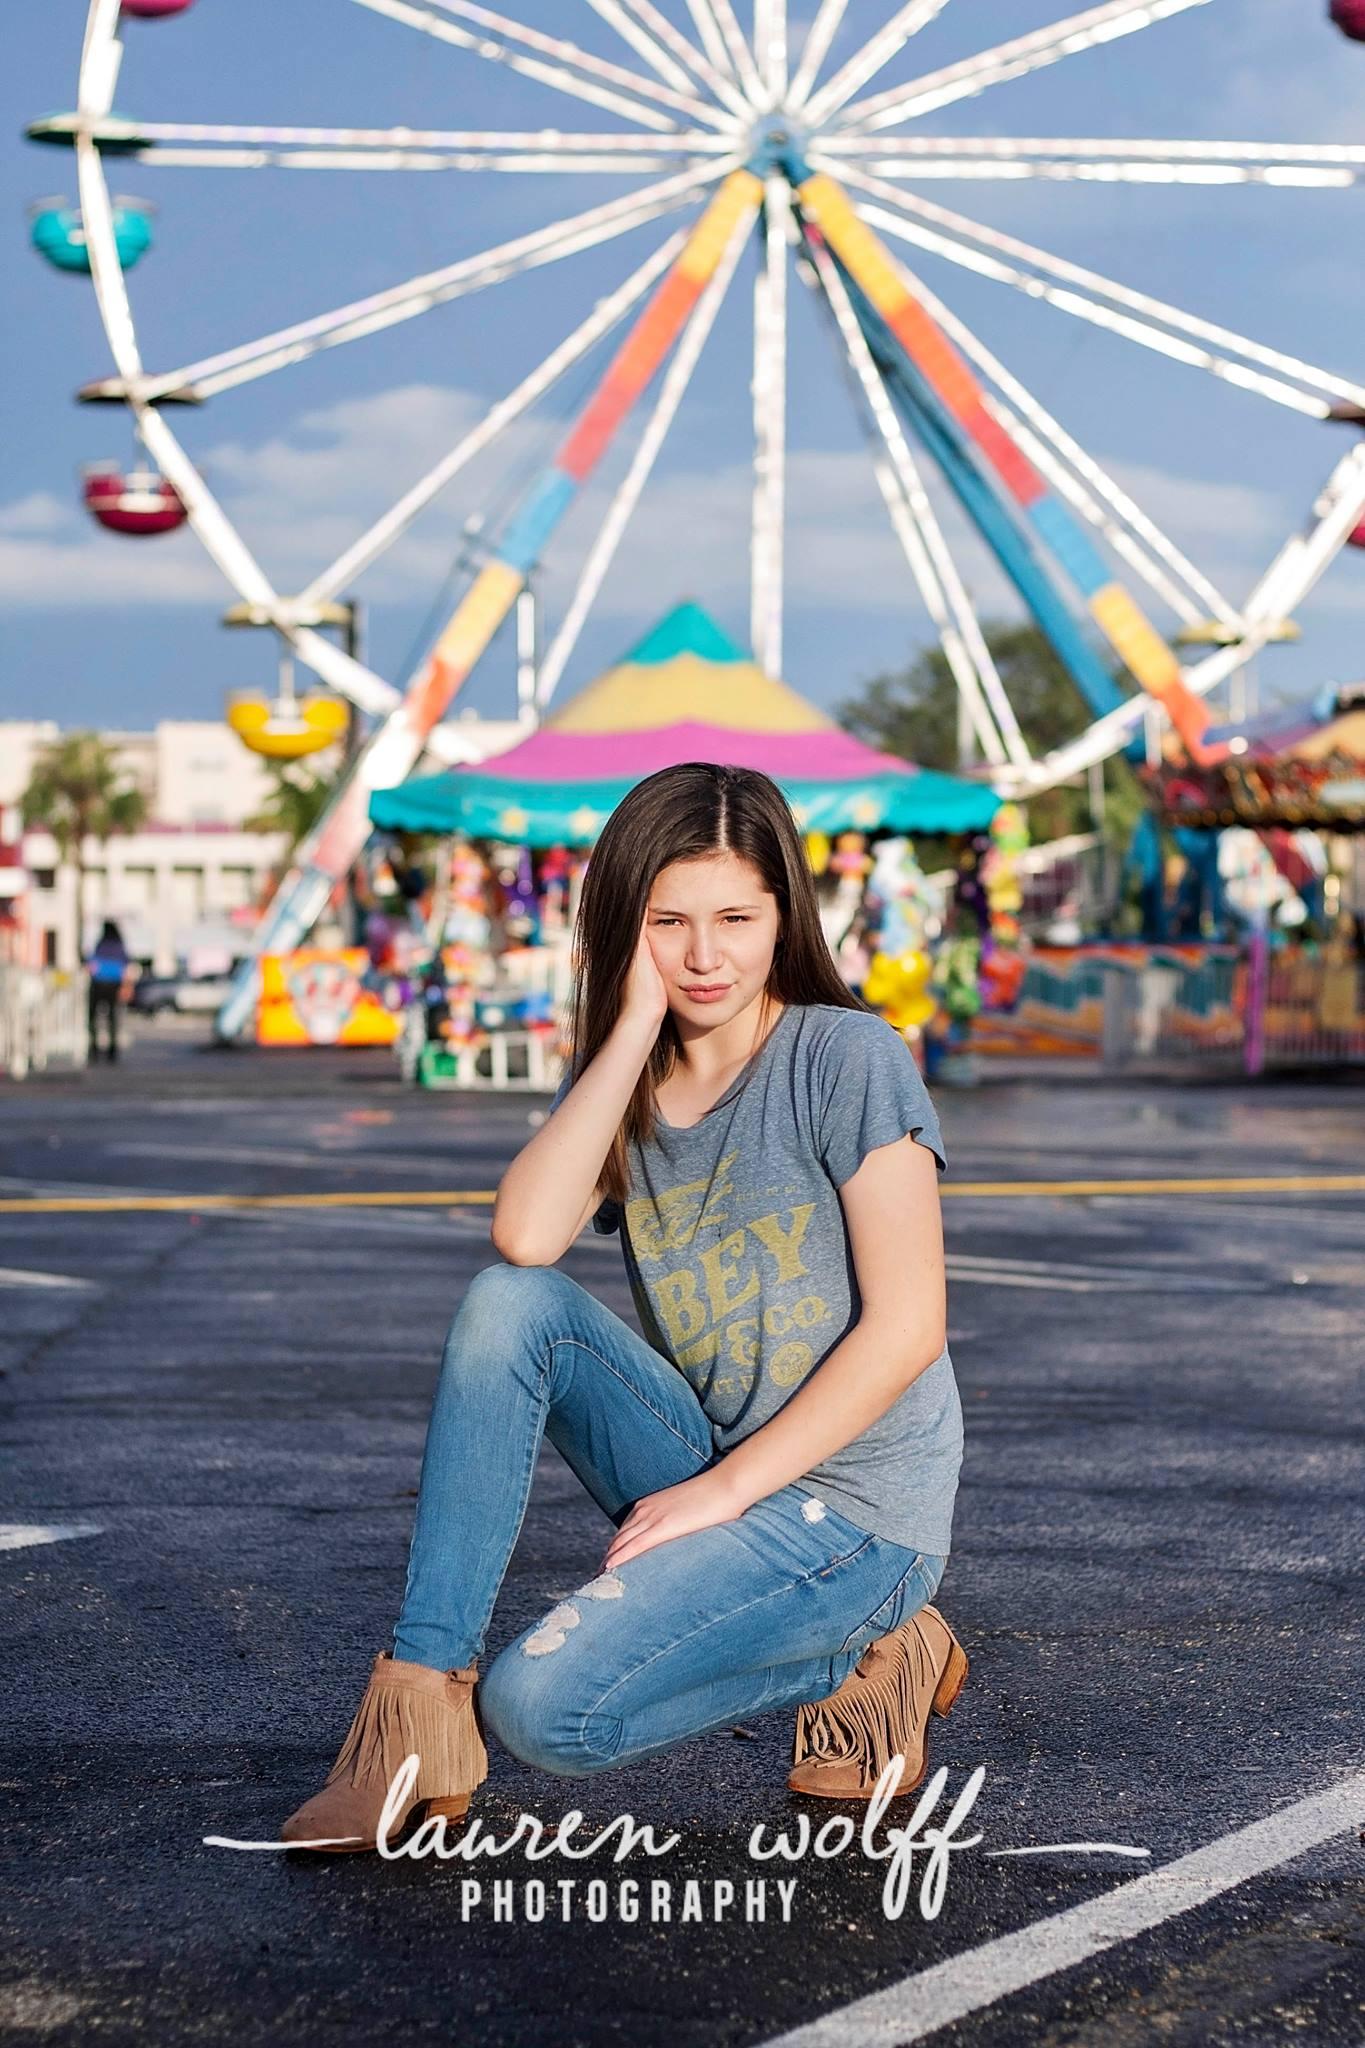 Lauren Wolff Photography